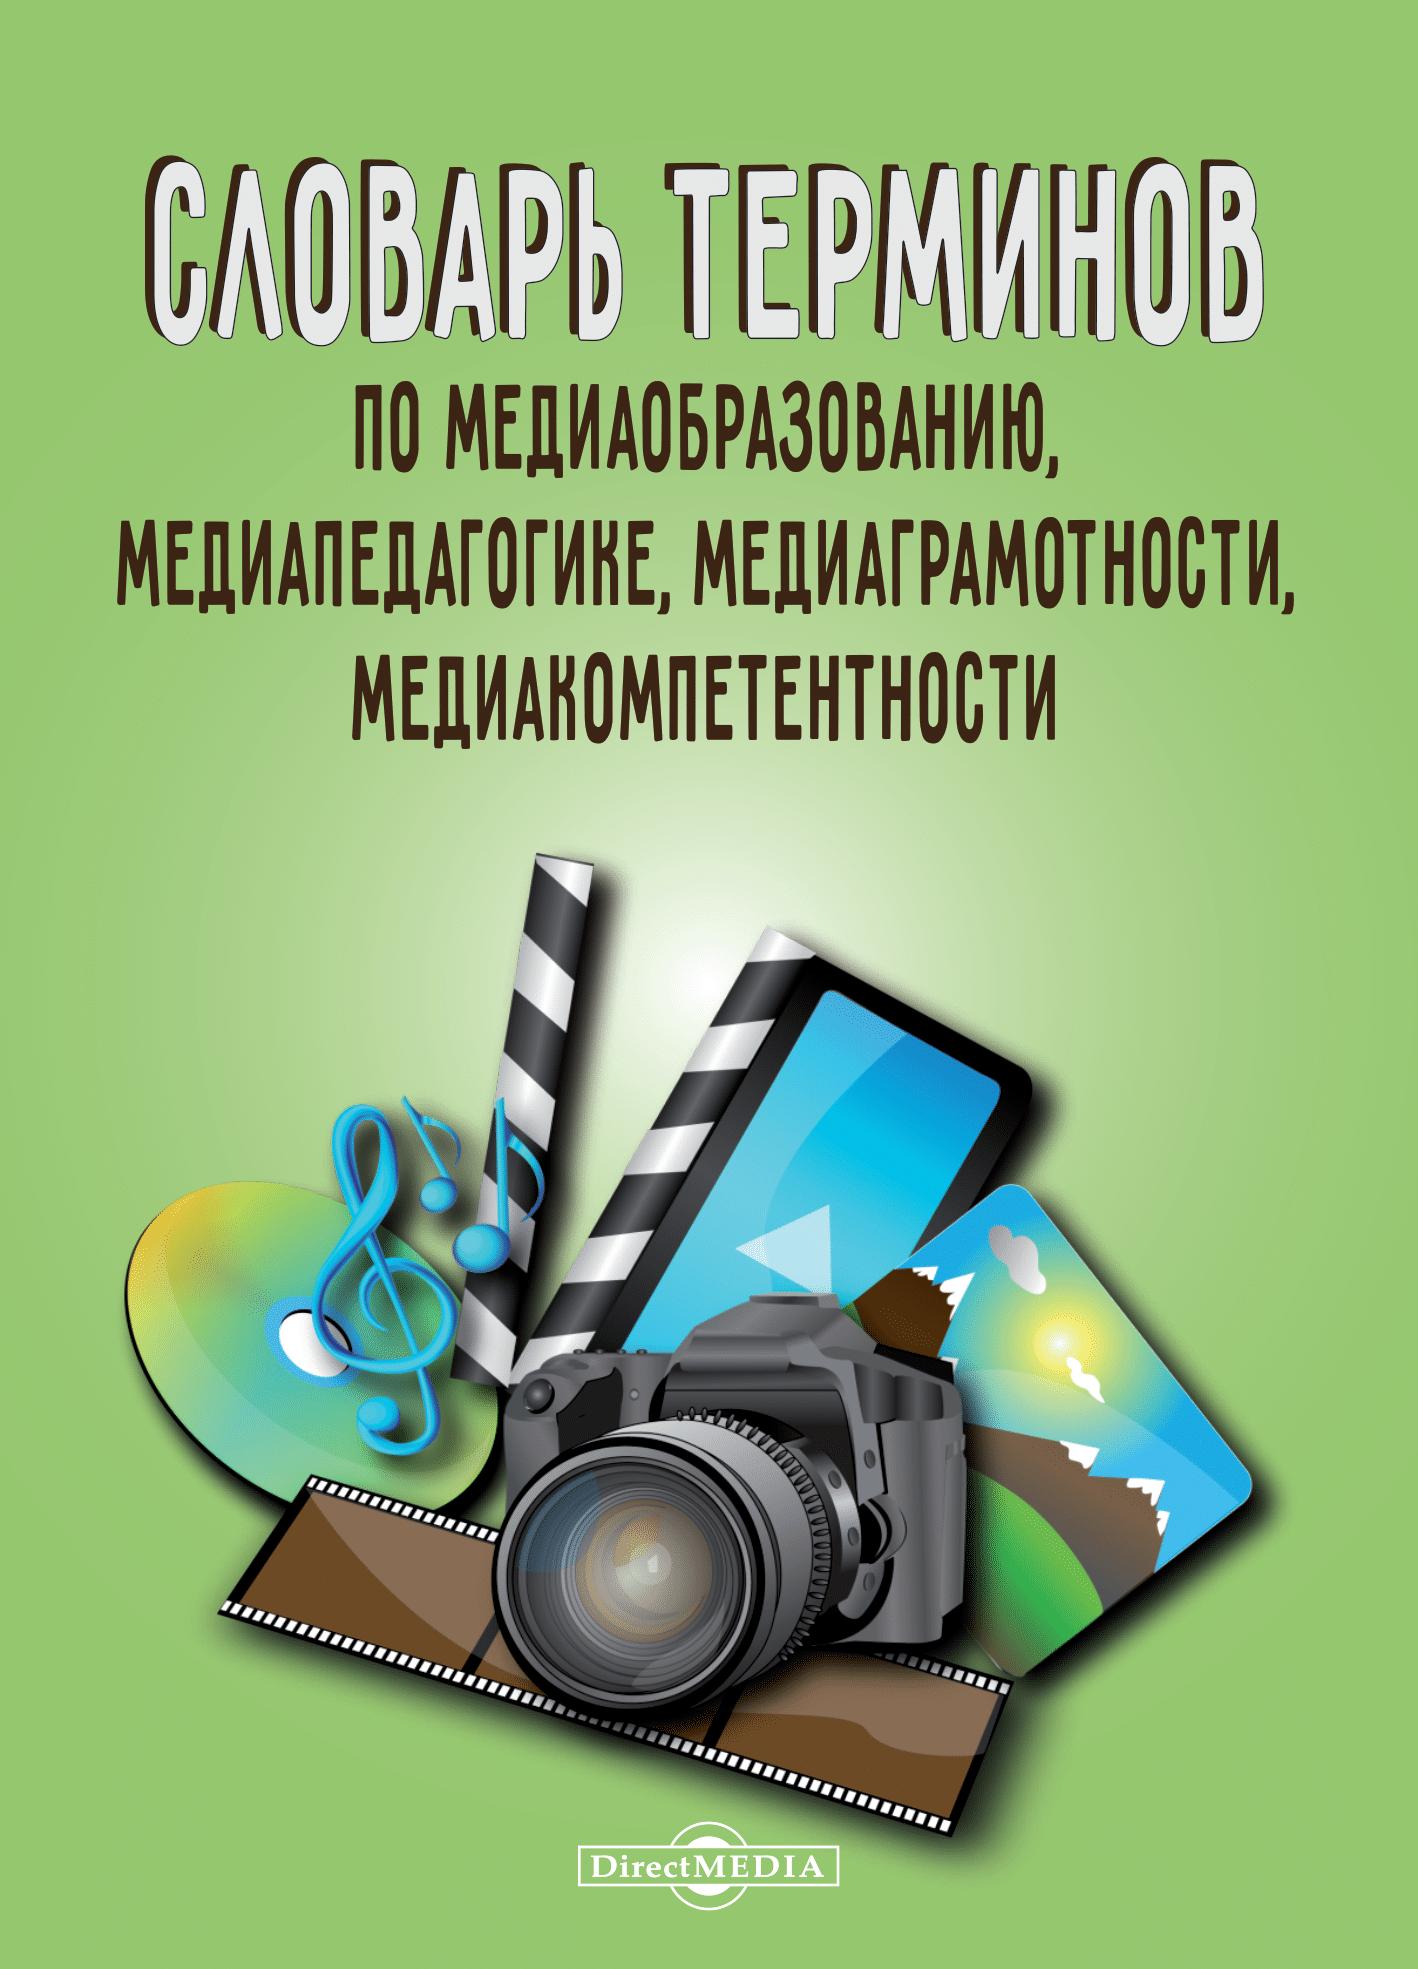 Словарь терминов по медиаобразованию, медиапедагогике, медиаграмотности, медиакомпетентности